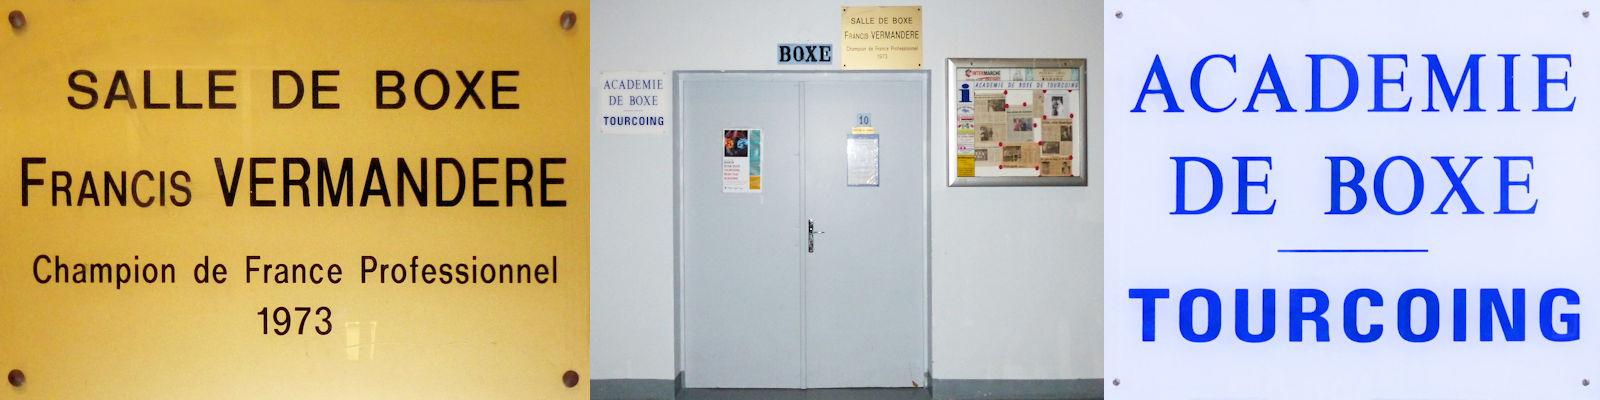 Entrée de la salle de Boxe Vermandere